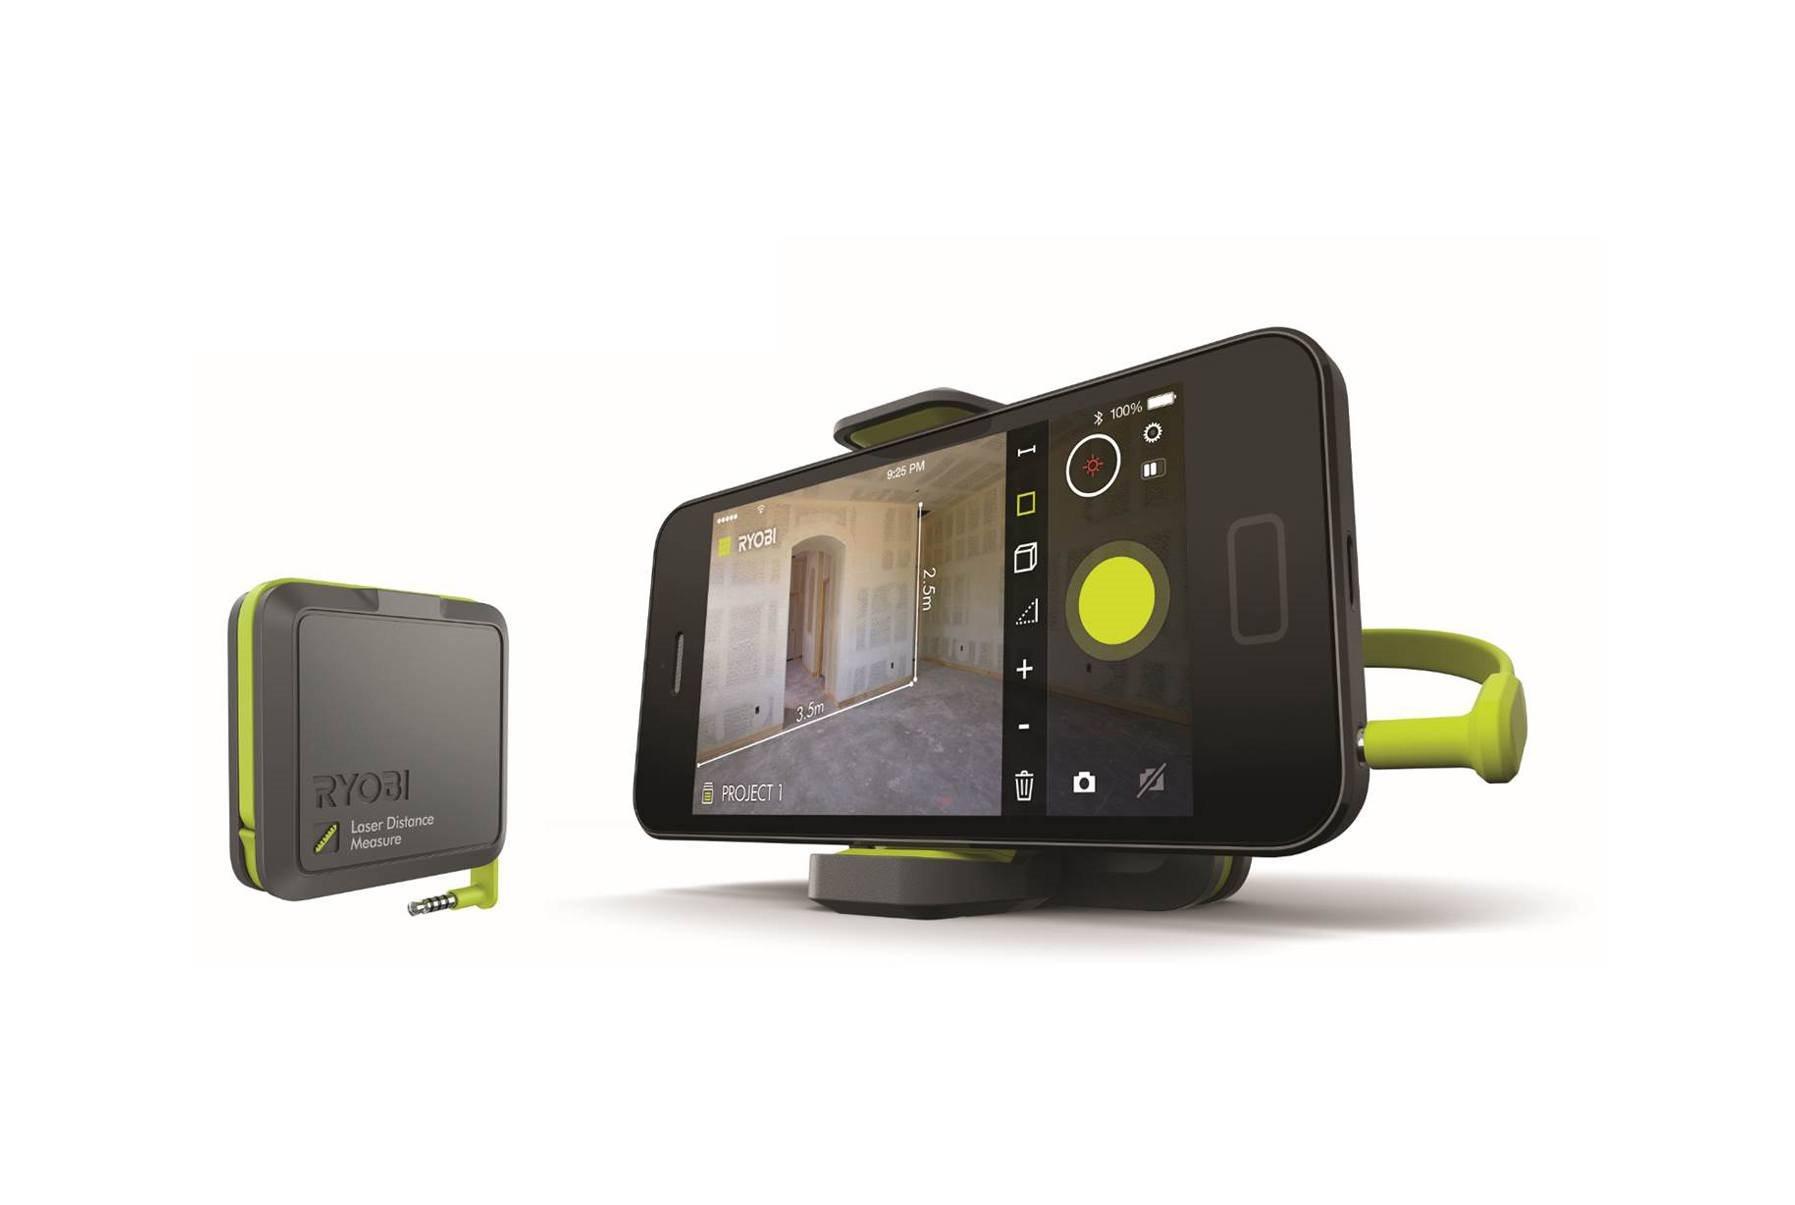 Infrarot Entfernungsmesser : Ryobi phone works: entfernungen schnell und einfach messen